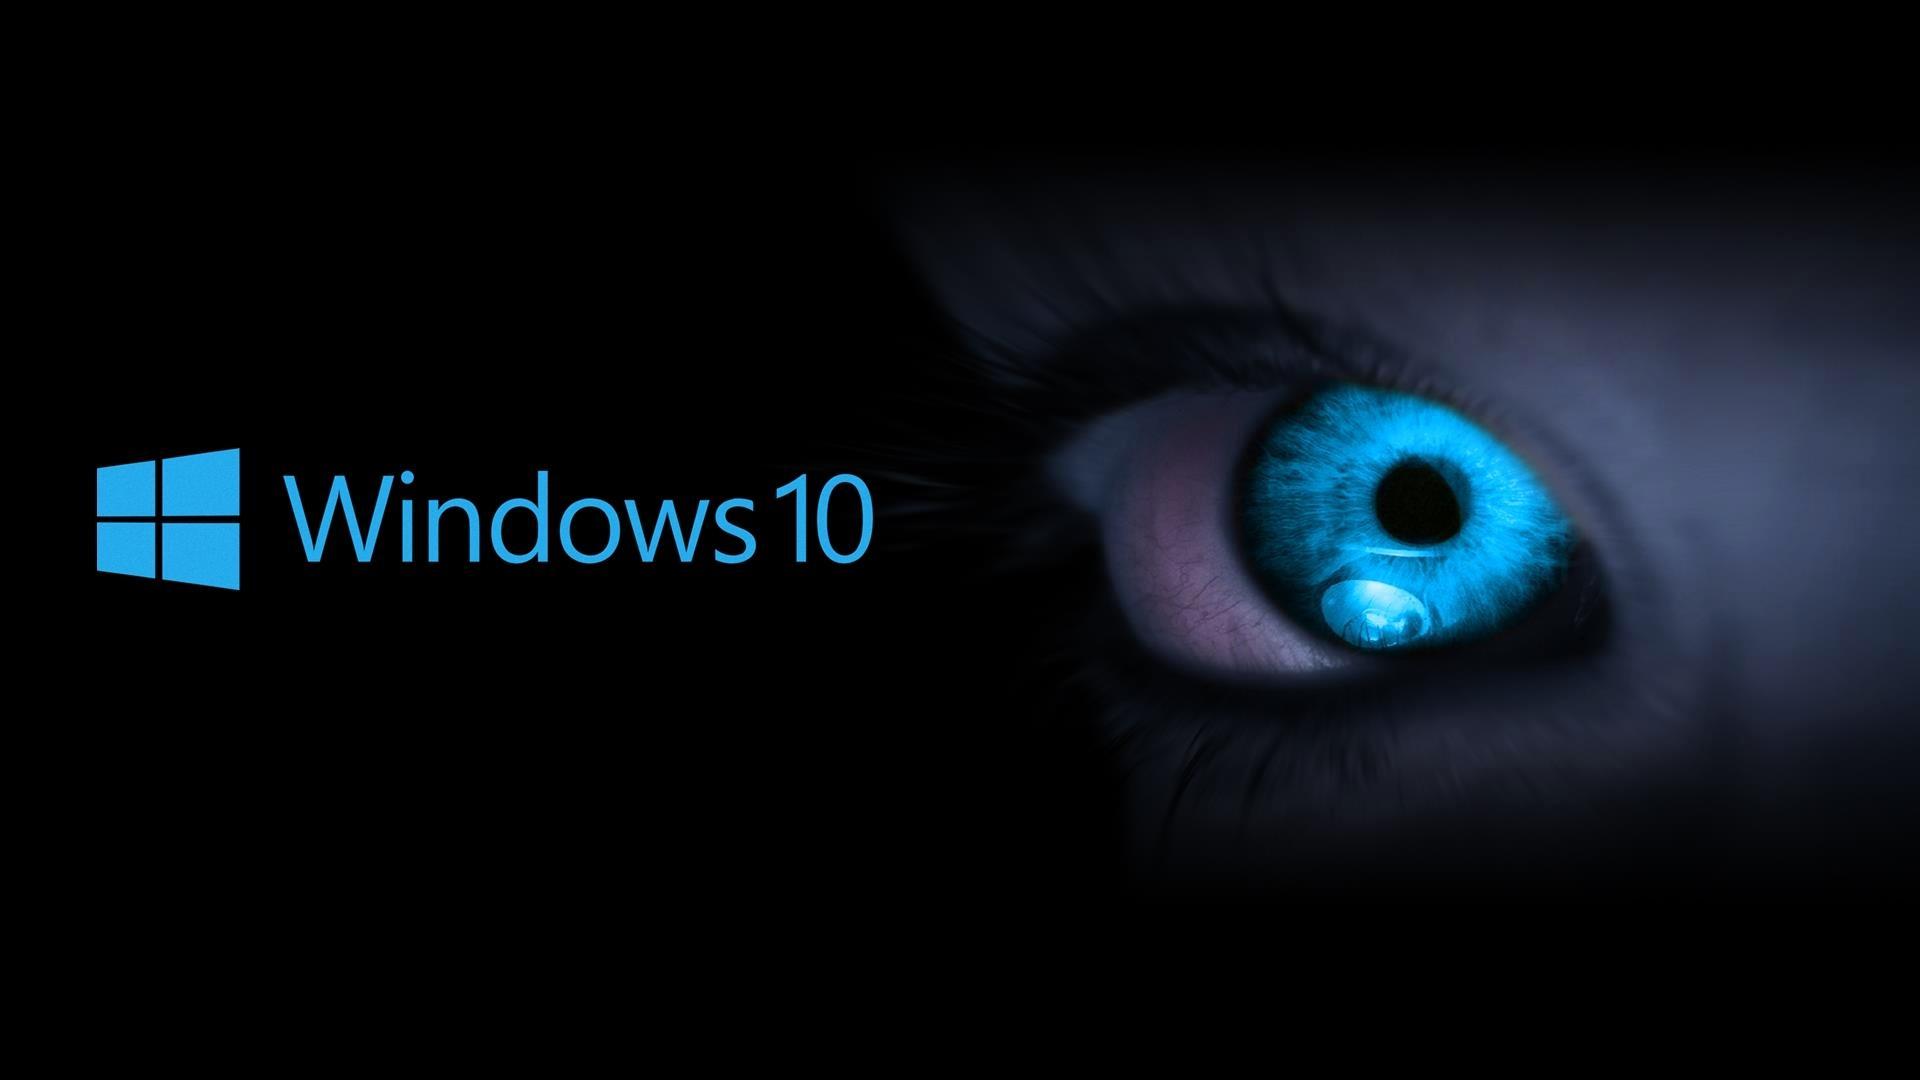 Cortana 4k wallpaper wallpapersafari - Windows 10 4k wallpaper pack ...